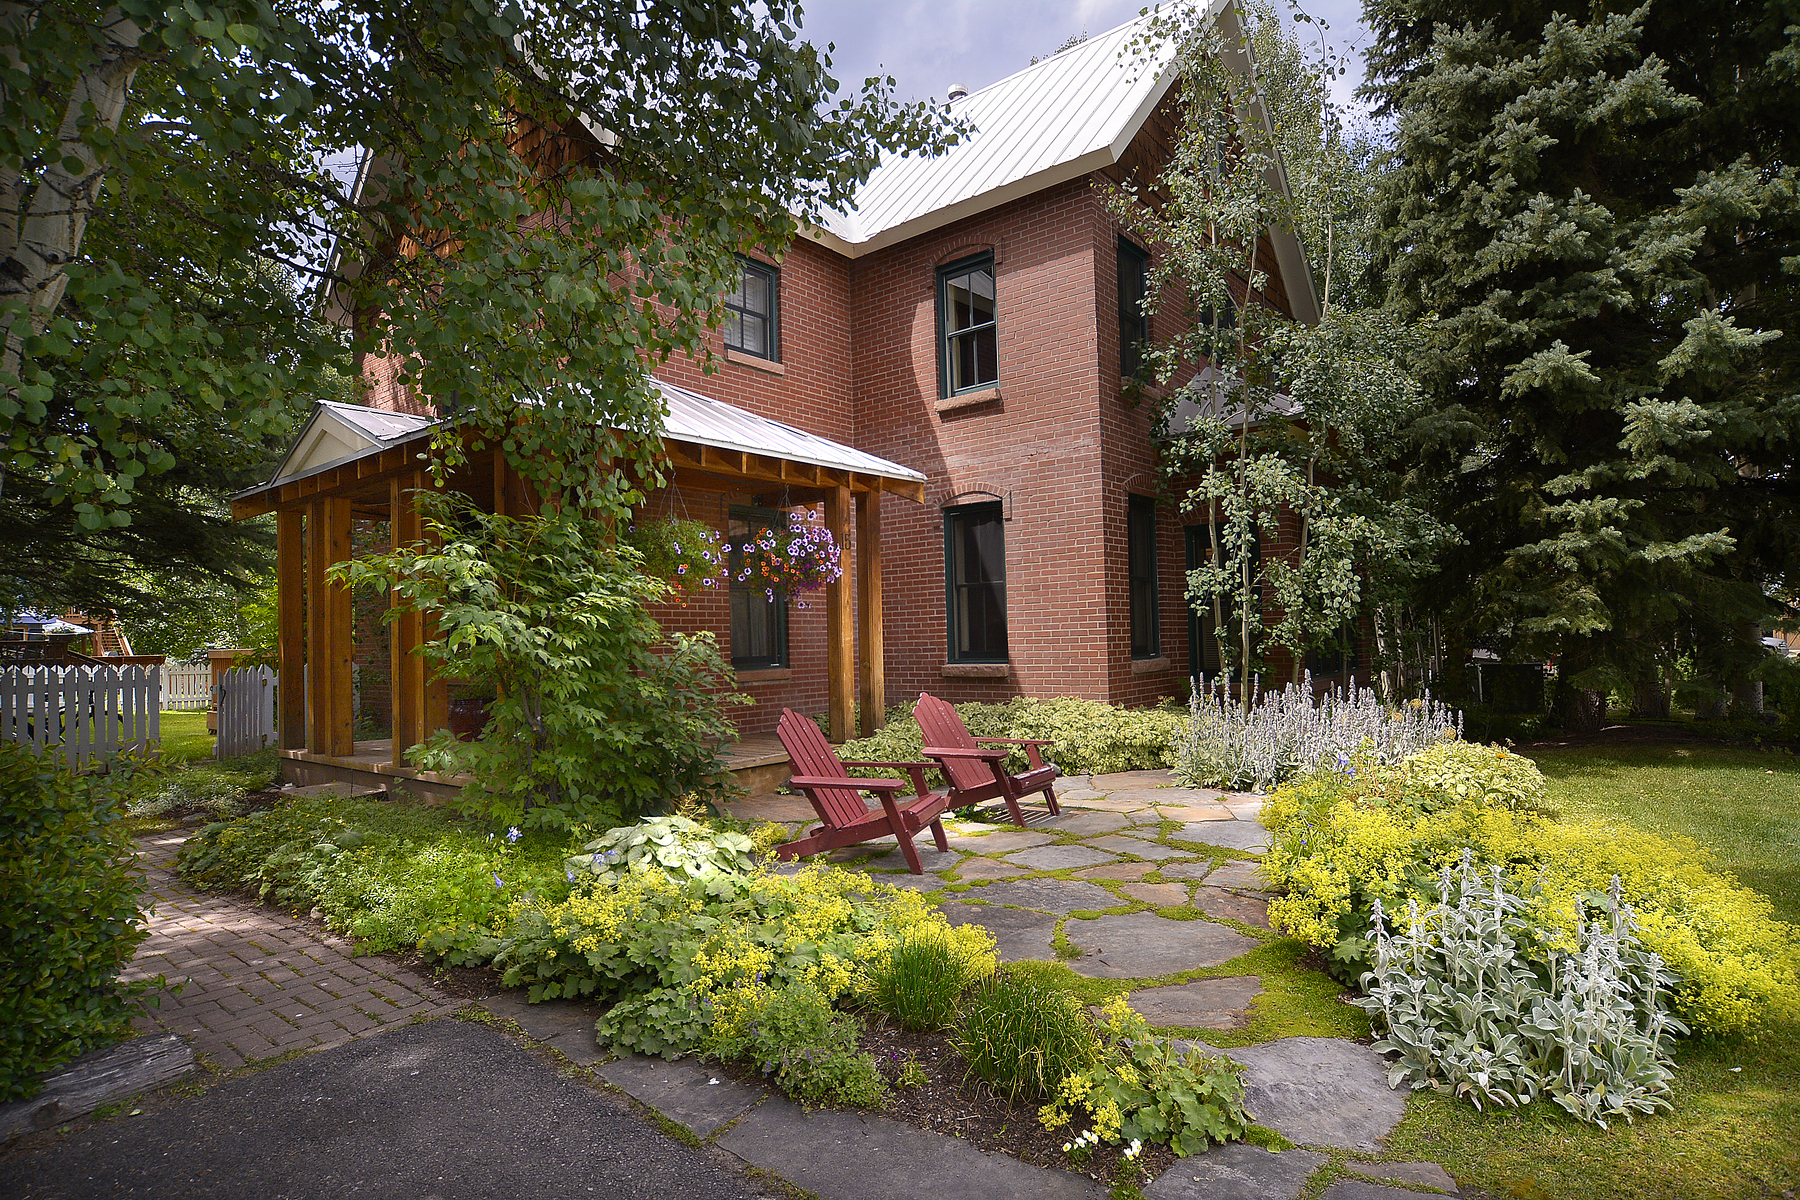 Частный односемейный дом для того Продажа на Crested Butte Victorian 15 Third Street Crested Butte, Колорадо, 81224 Соединенные Штаты